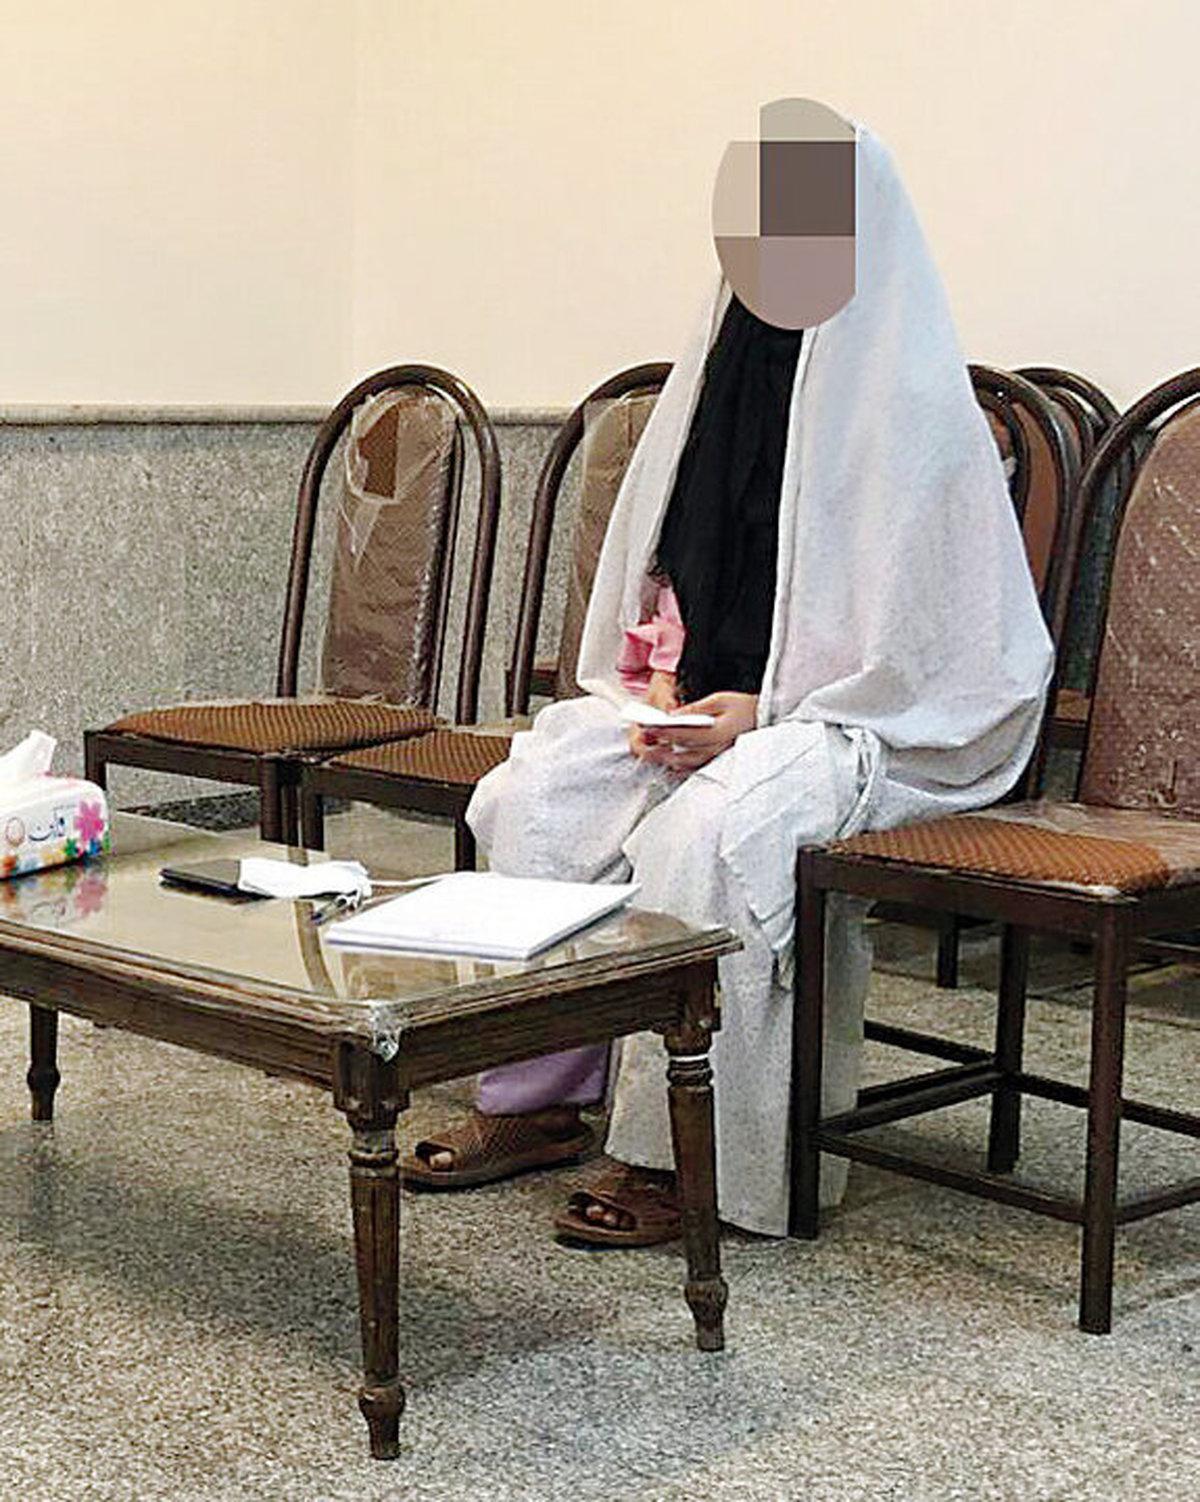 بازیگر سارق زن دستگیر شد  چون از یک بیمارستان 2بارسرقت کردم لو رفتم اشتباه خودم بود